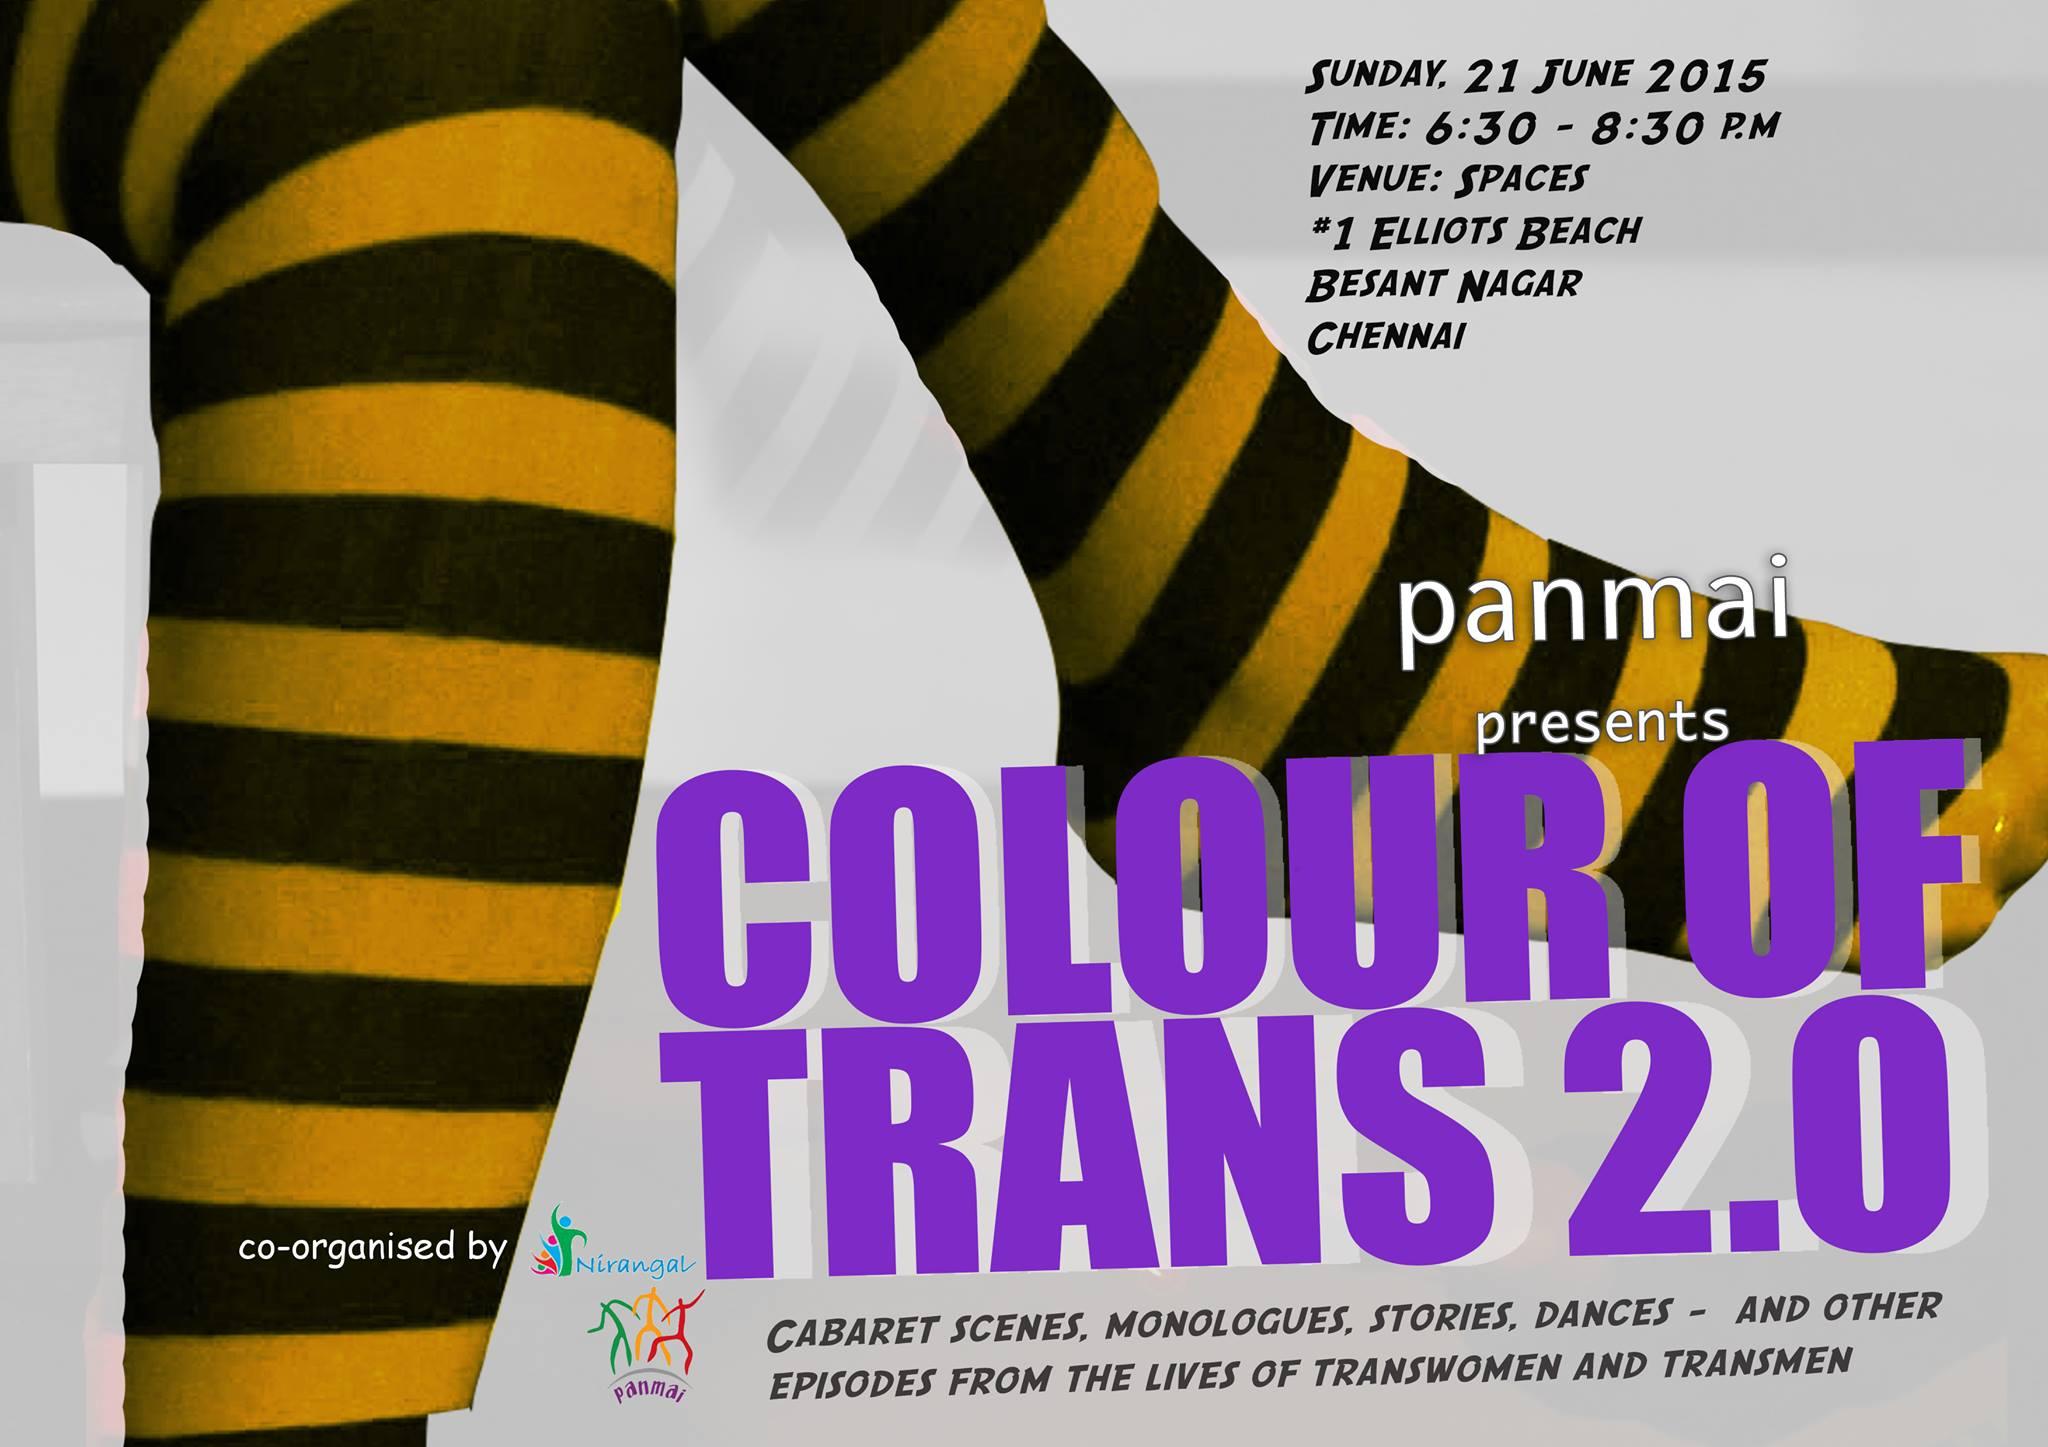 Colour Of Trans 2.0